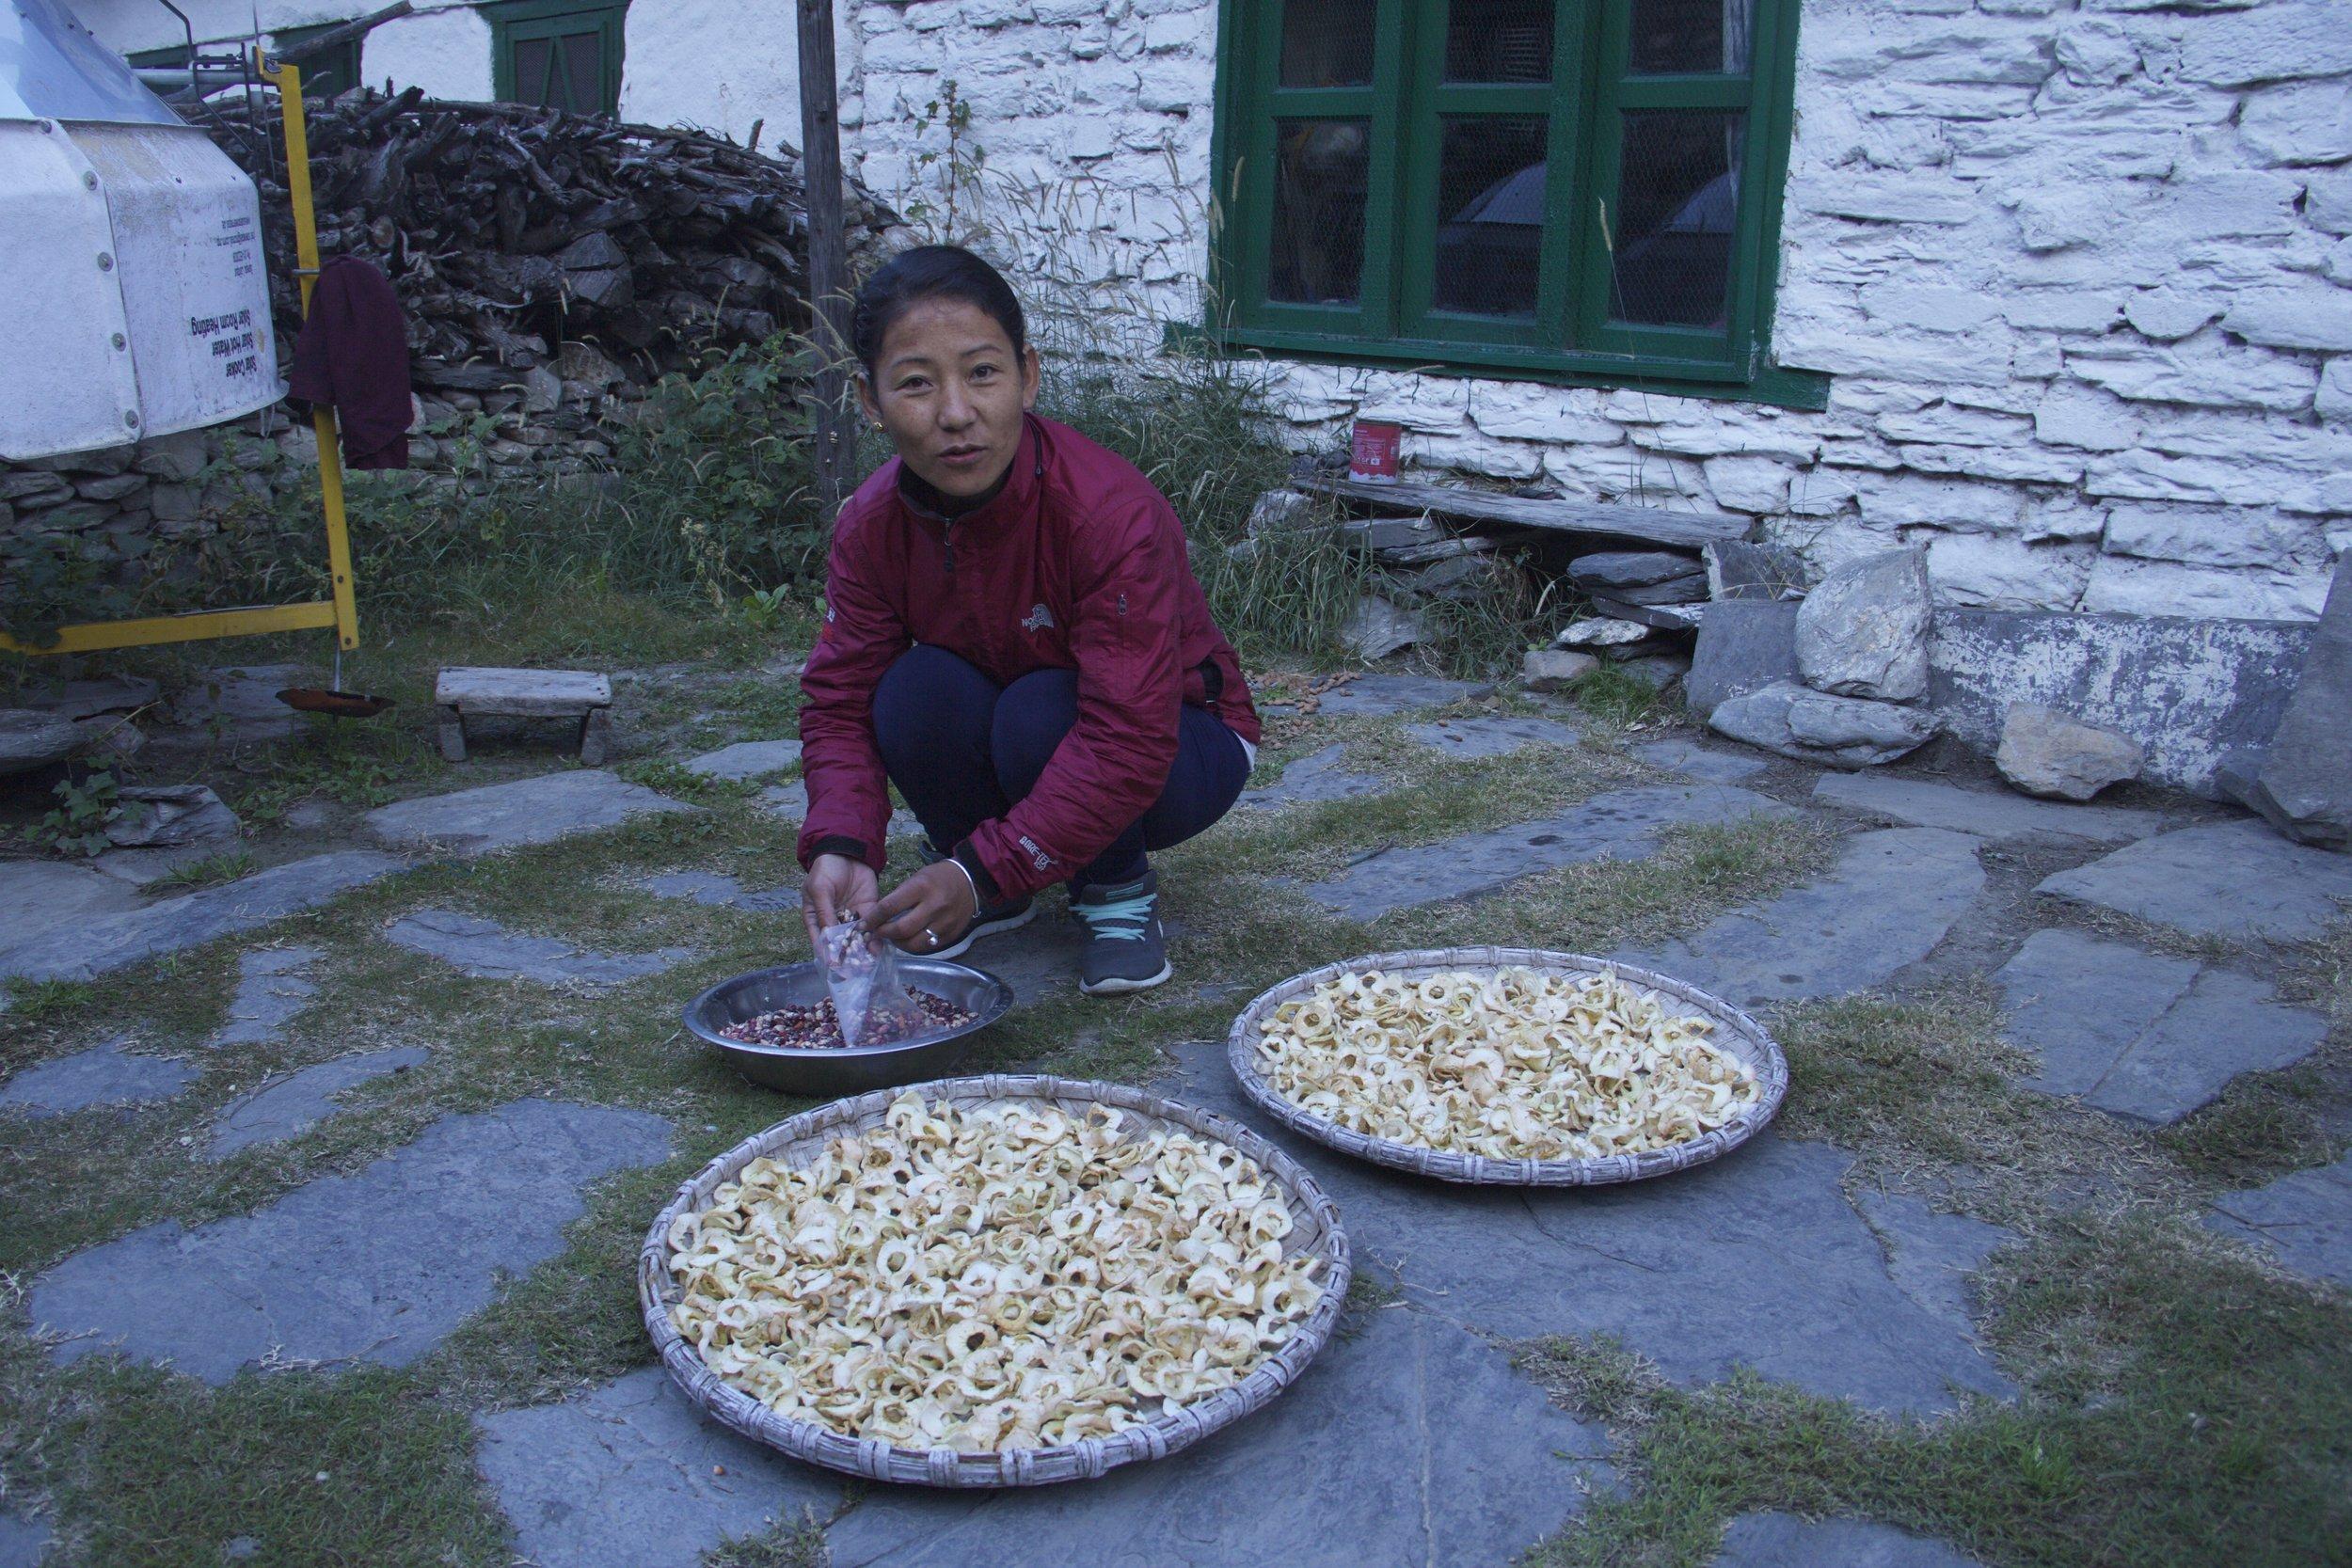 Lhakpa Choenzom